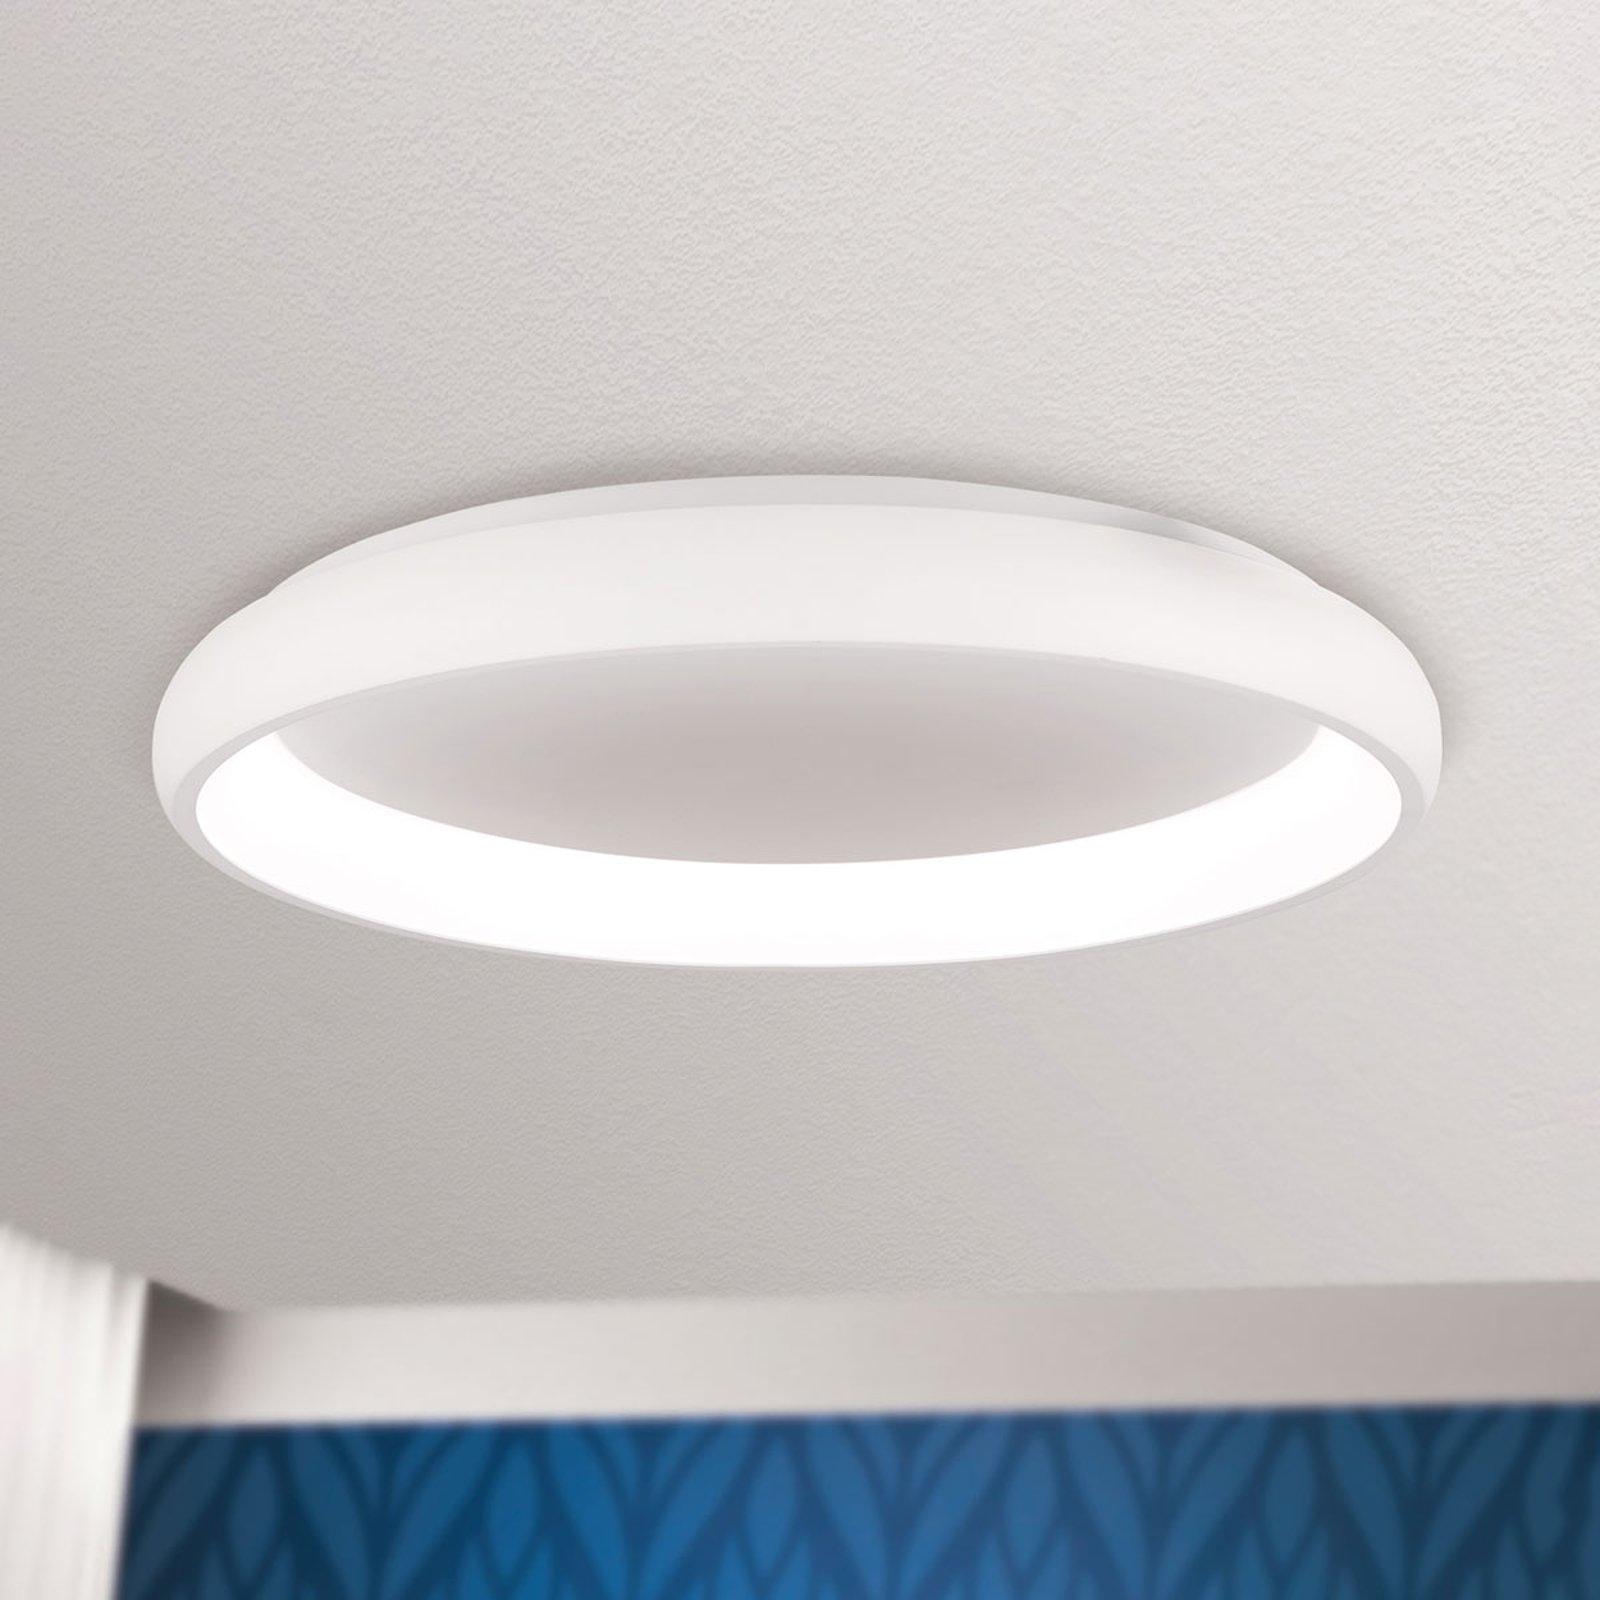 LED-taklampe Venur med lysstråling innenfor 61 cm